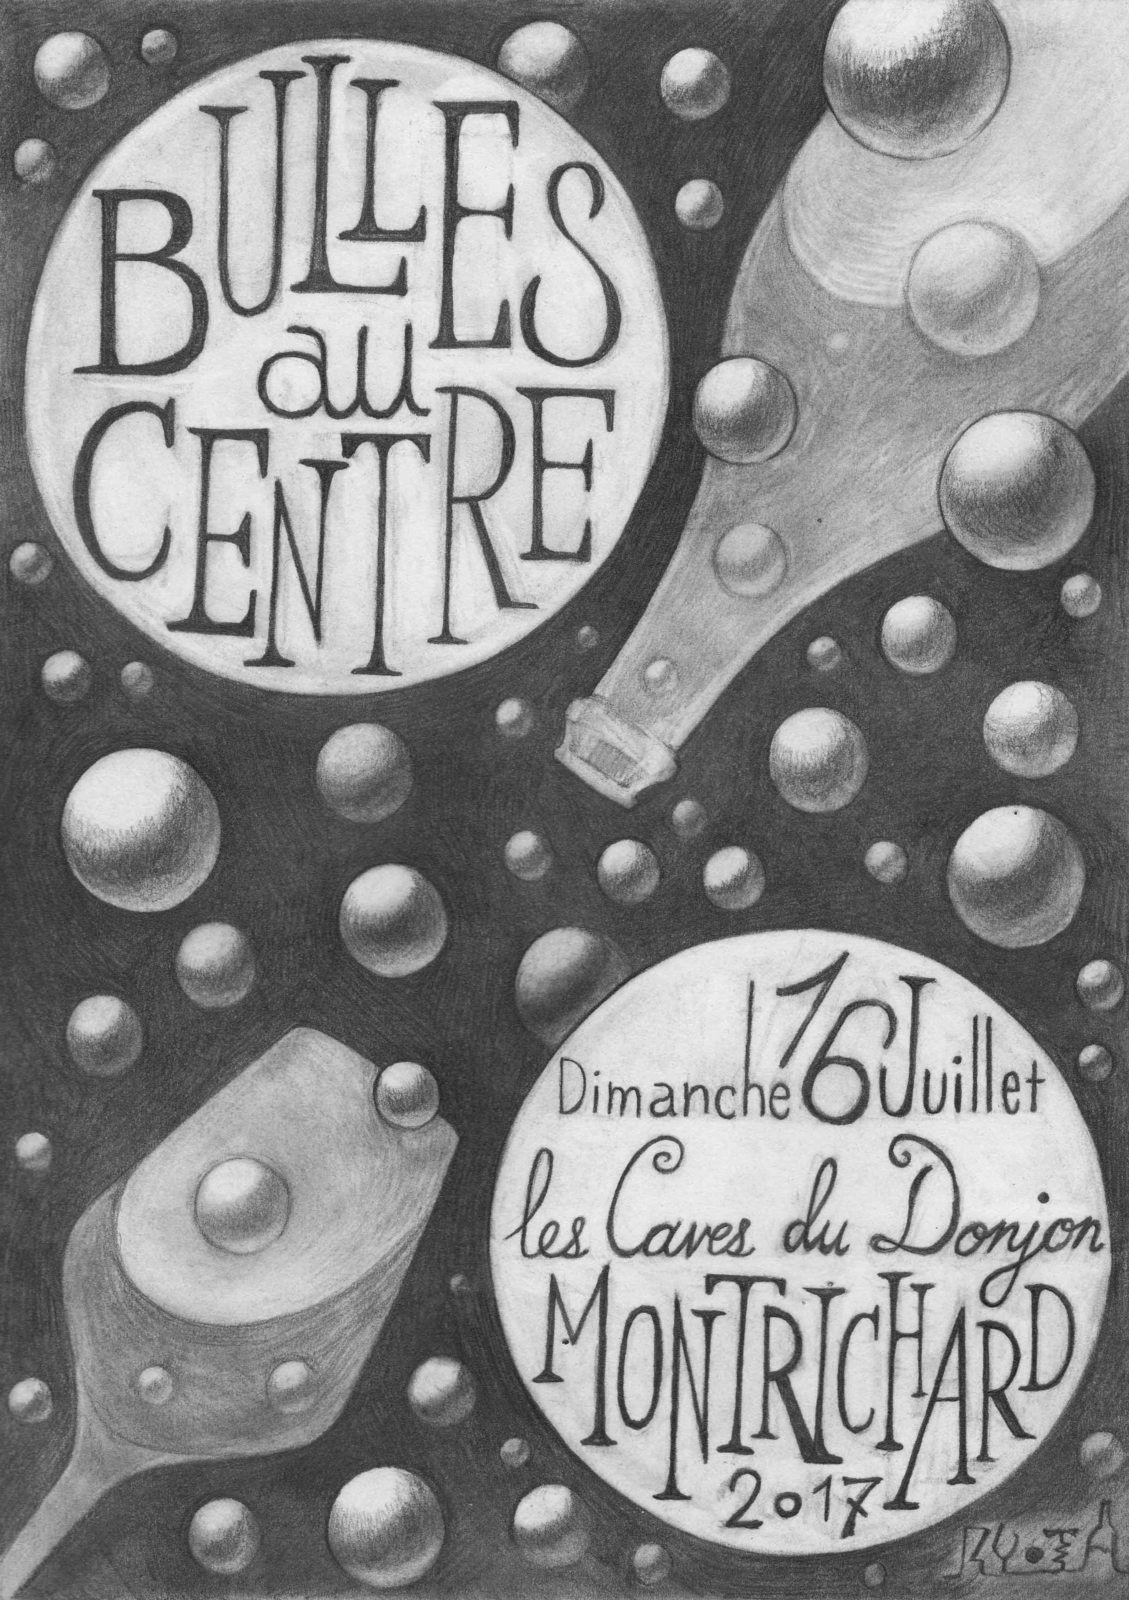 Bulles au Centre, c'est à Montrichard, c'est la quatrième...